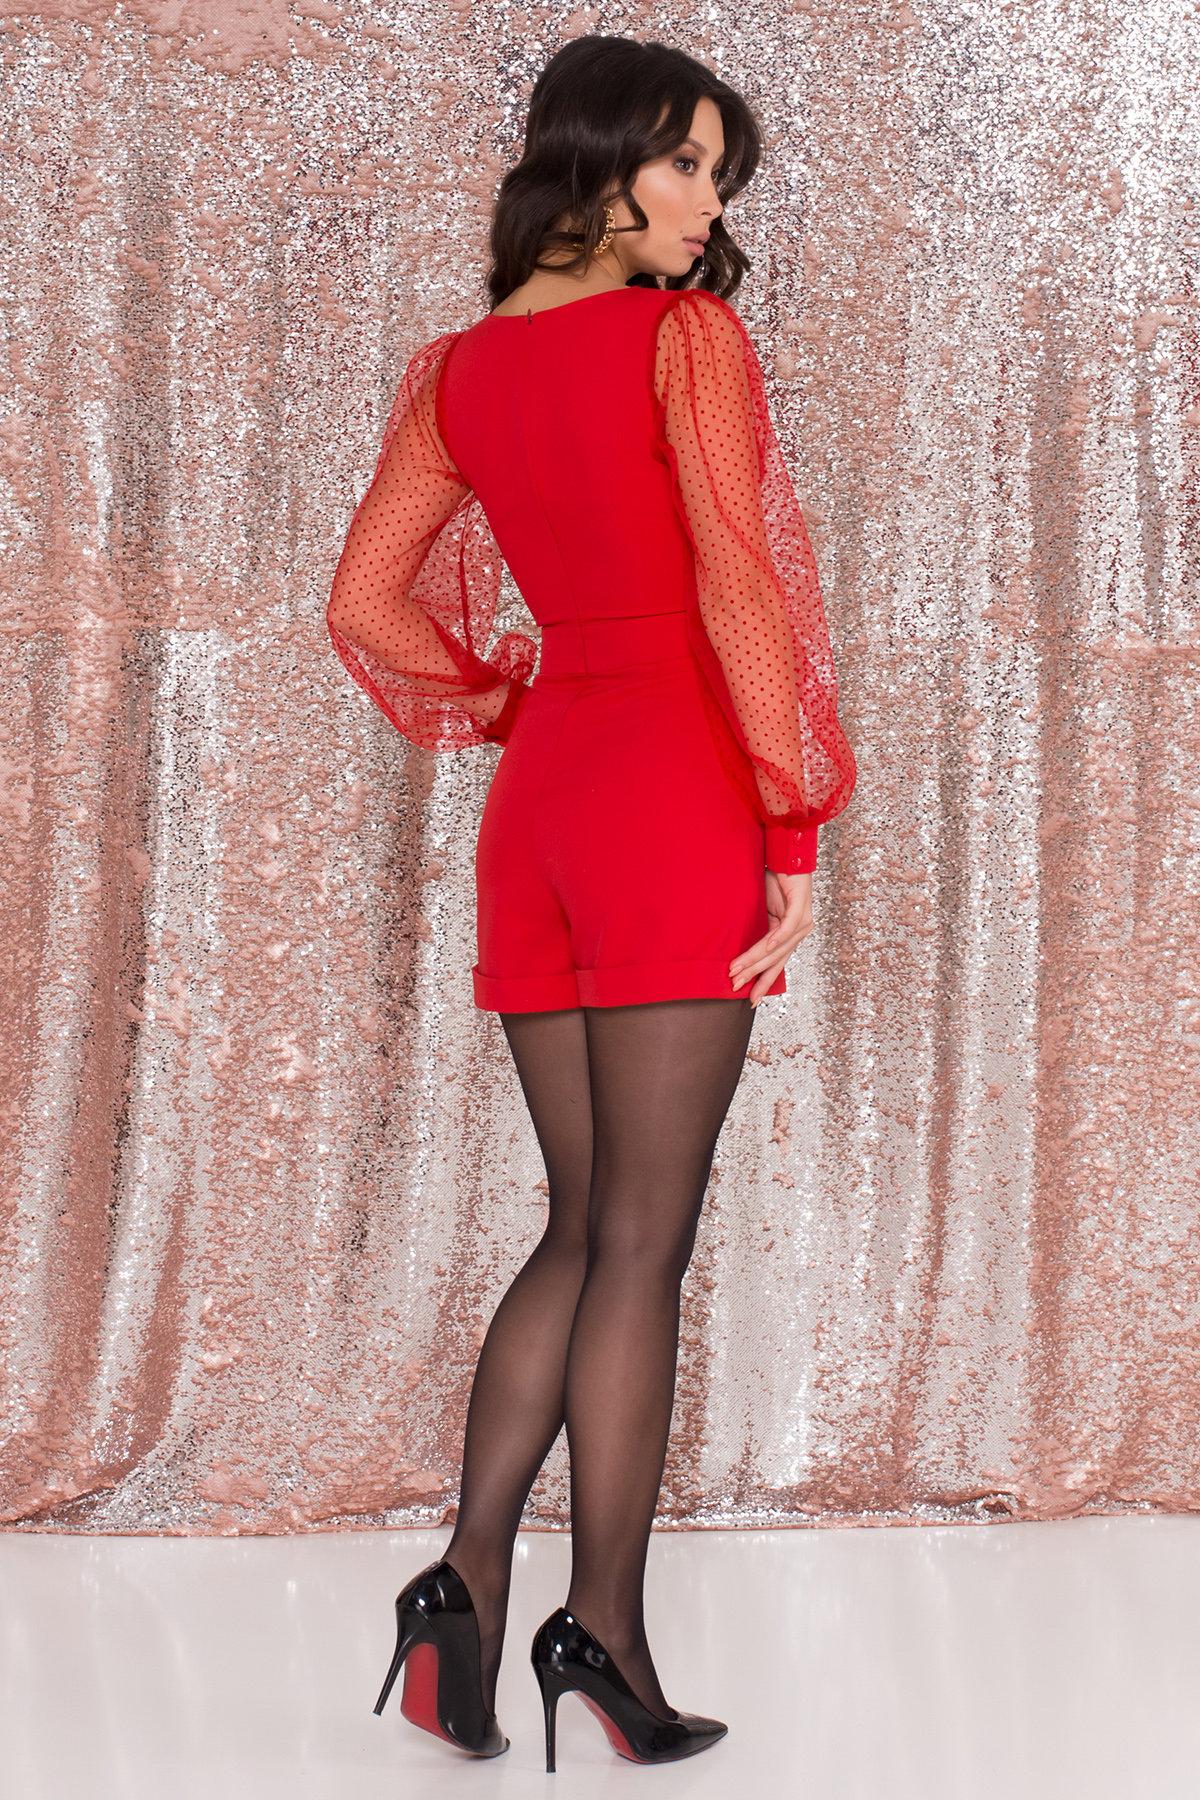 Стильный красный комбинезон с шортами Набель 8565 АРТ. 44880 Цвет: Красный - фото 6, интернет магазин tm-modus.ru